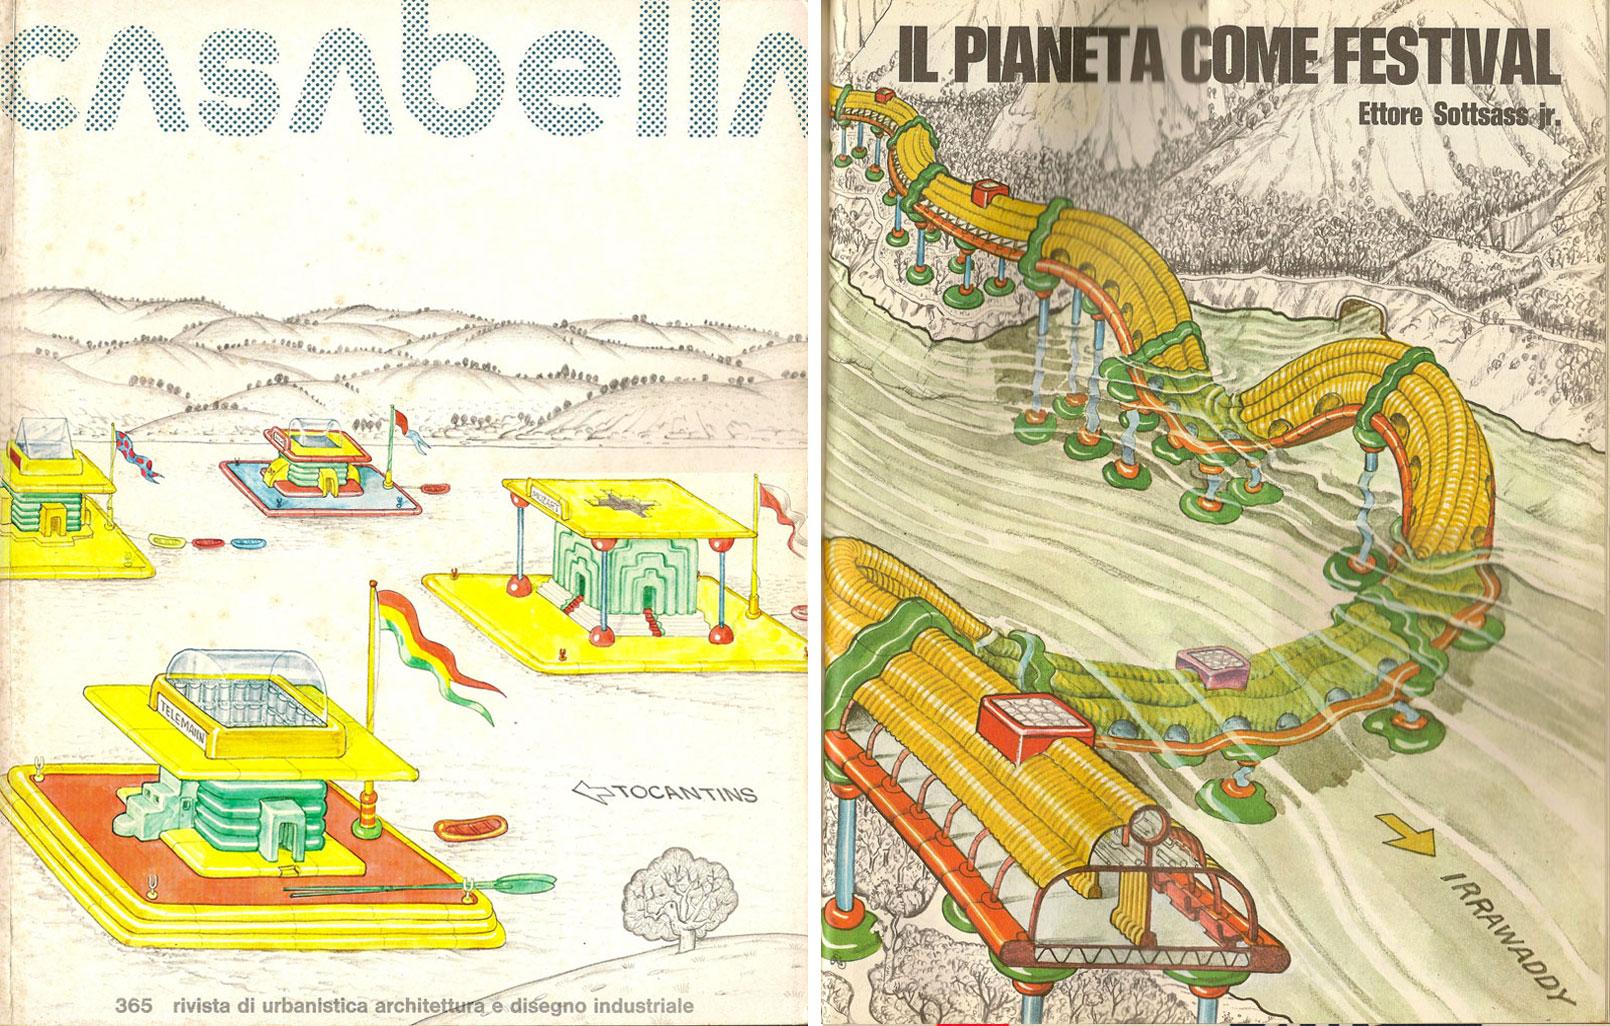 Ettore-Sottsass-il-planeta-come-festival-casabella-1973